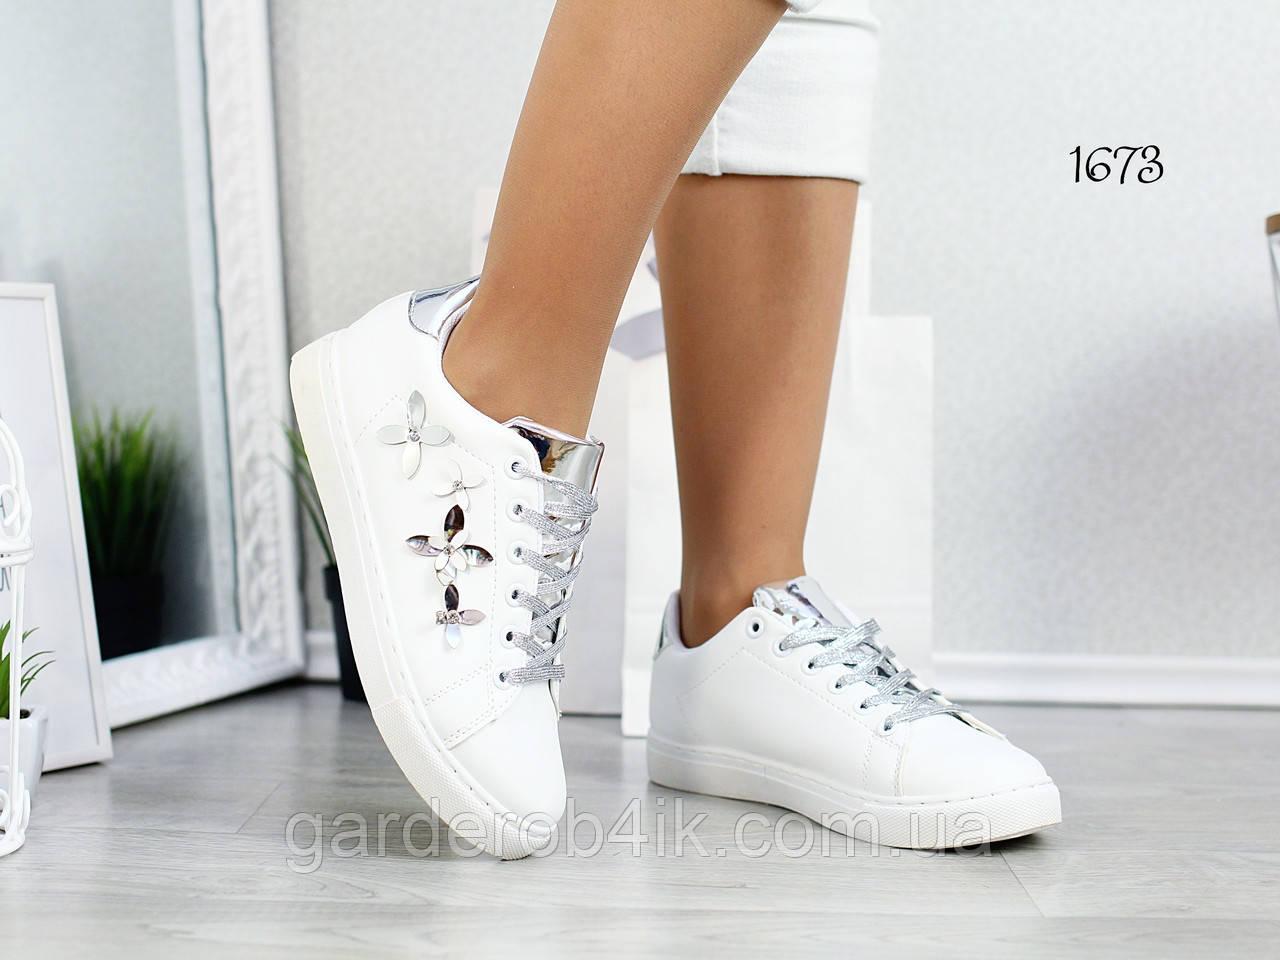 773f68387 Женские белые кроссовки на шнурках - Интернет-магазин